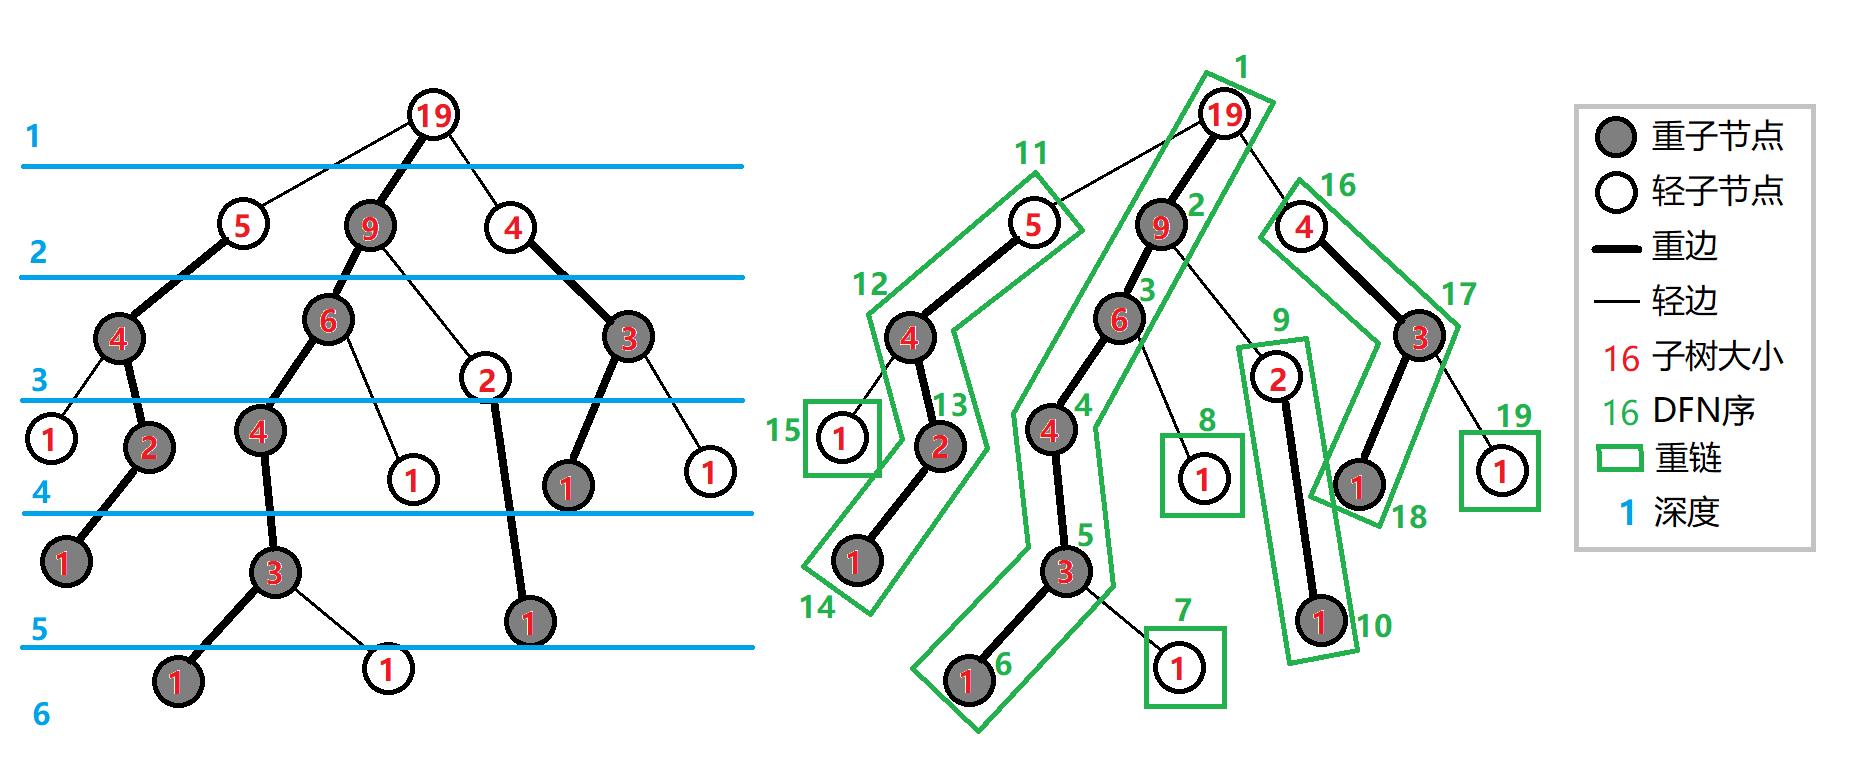 《树链剖分之从入门到入土 —— ylxmf2005的OI教程》